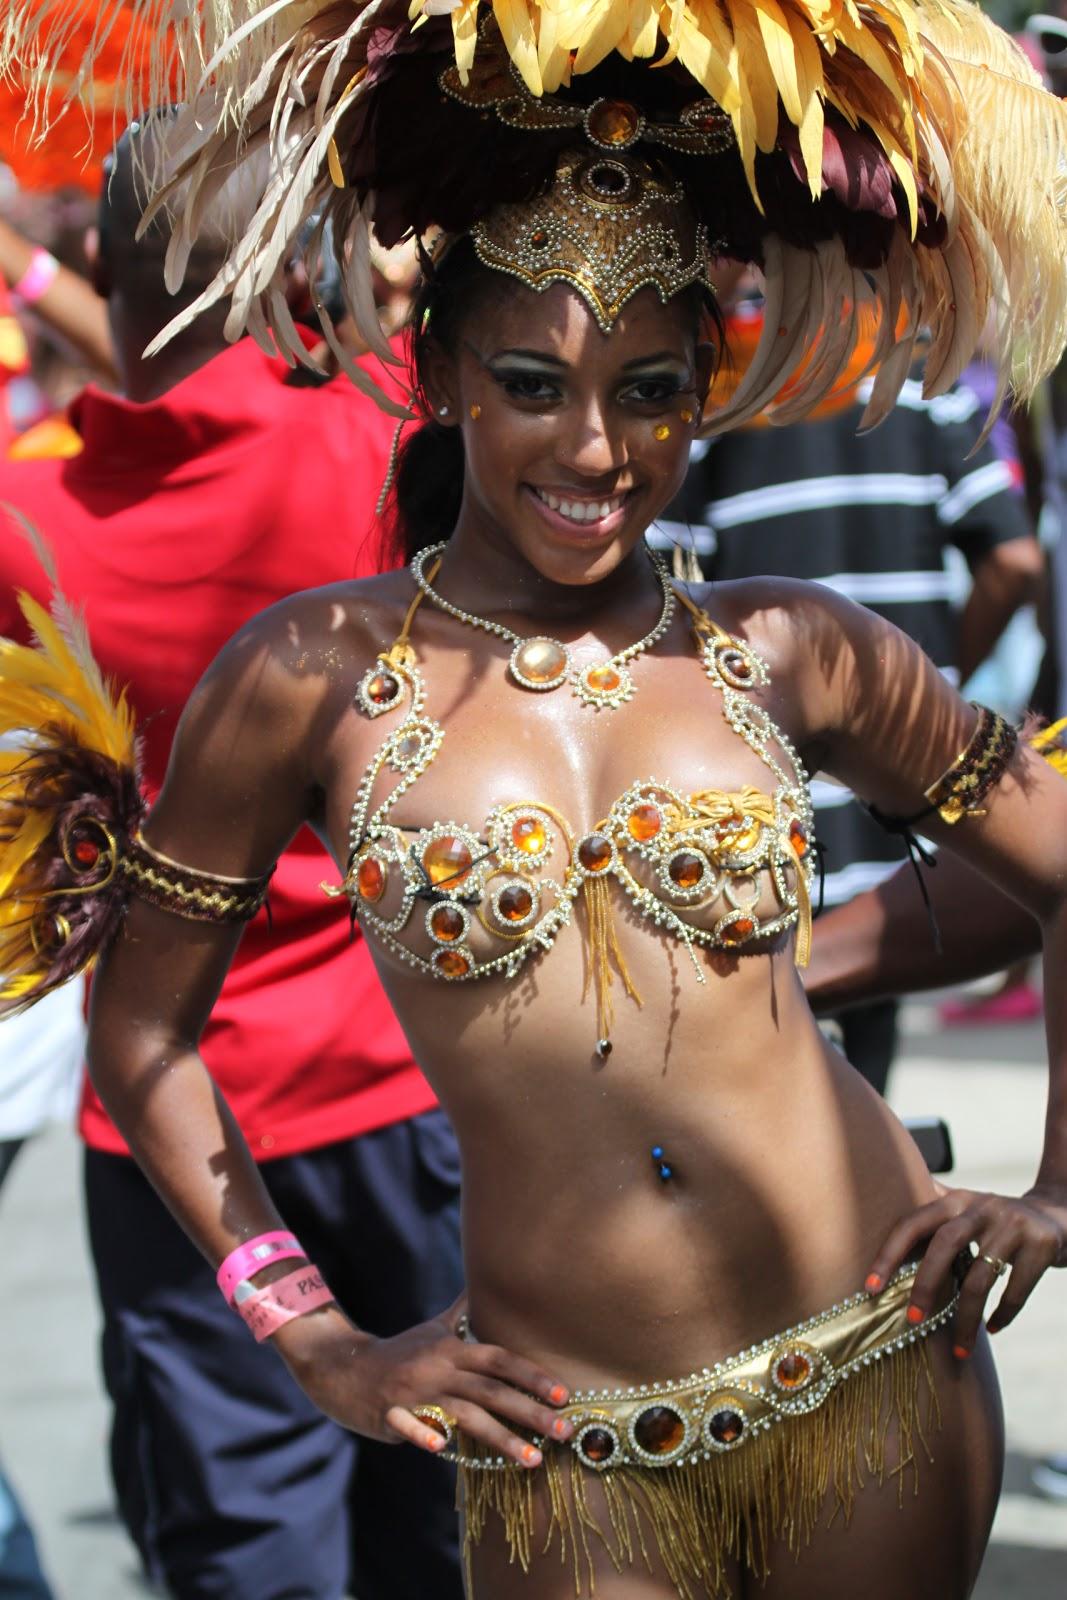 Barbados girls